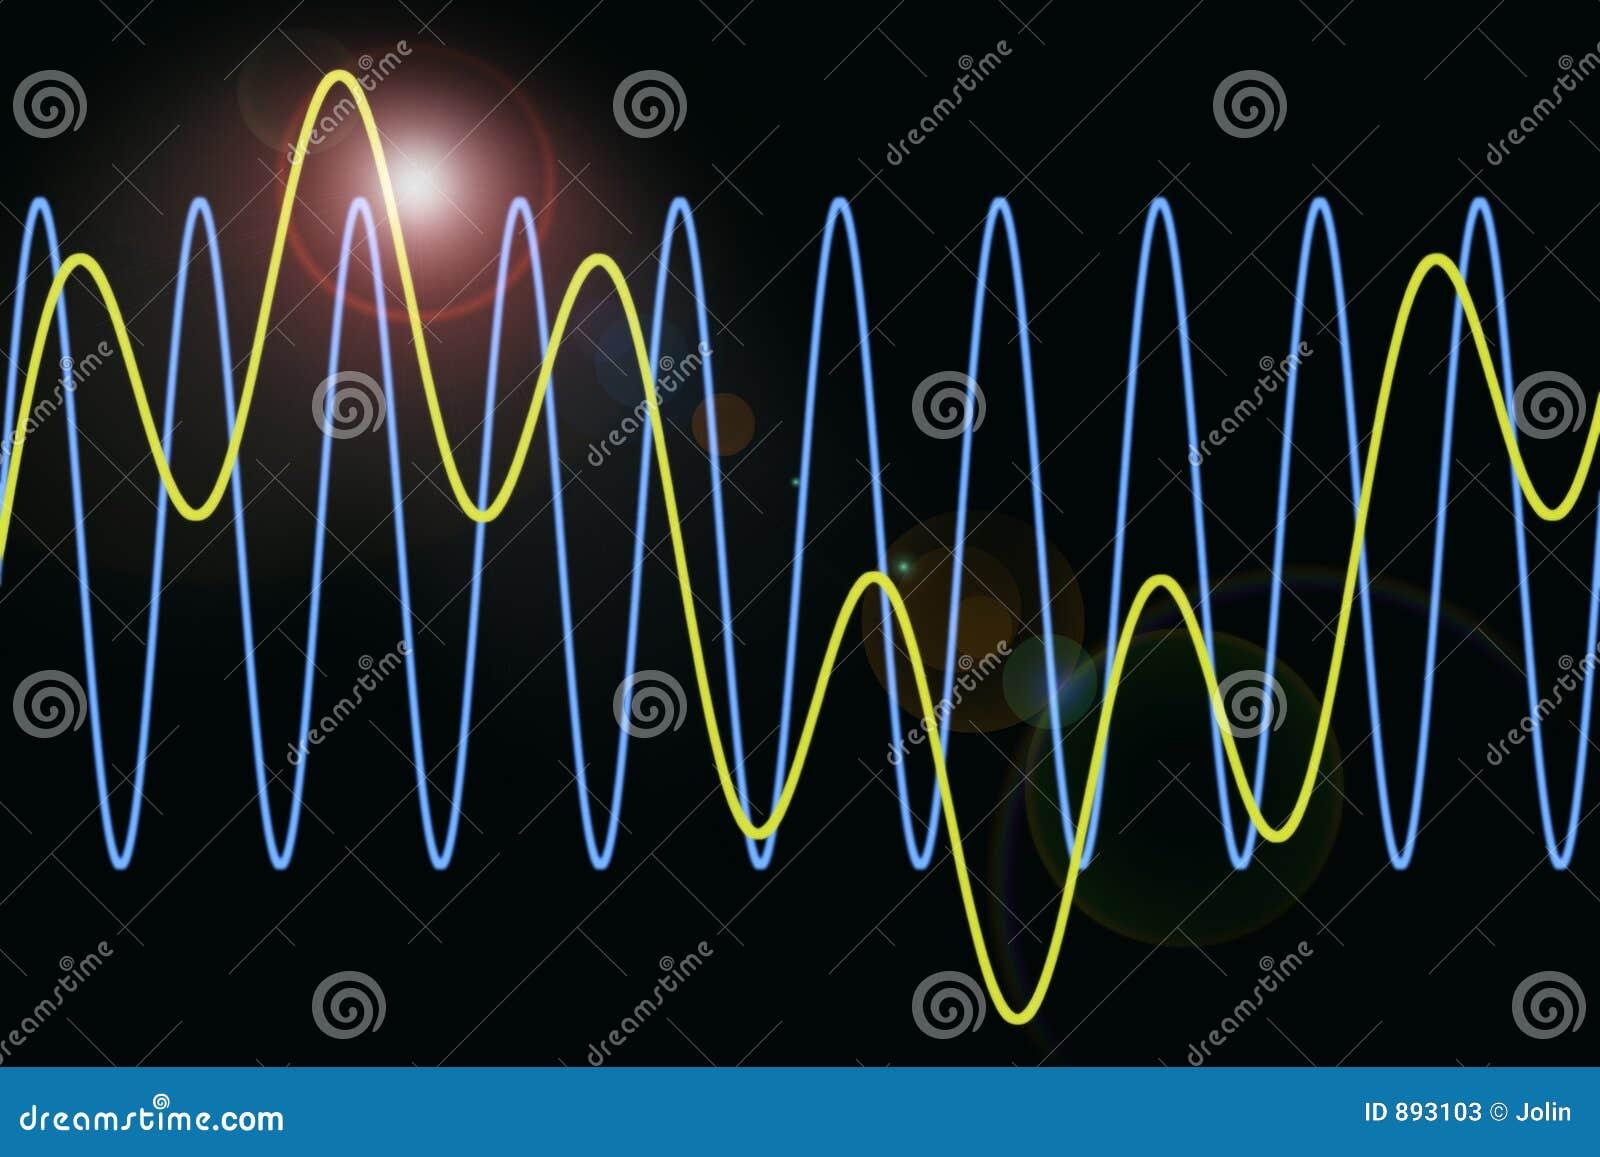 背景绘制谐波